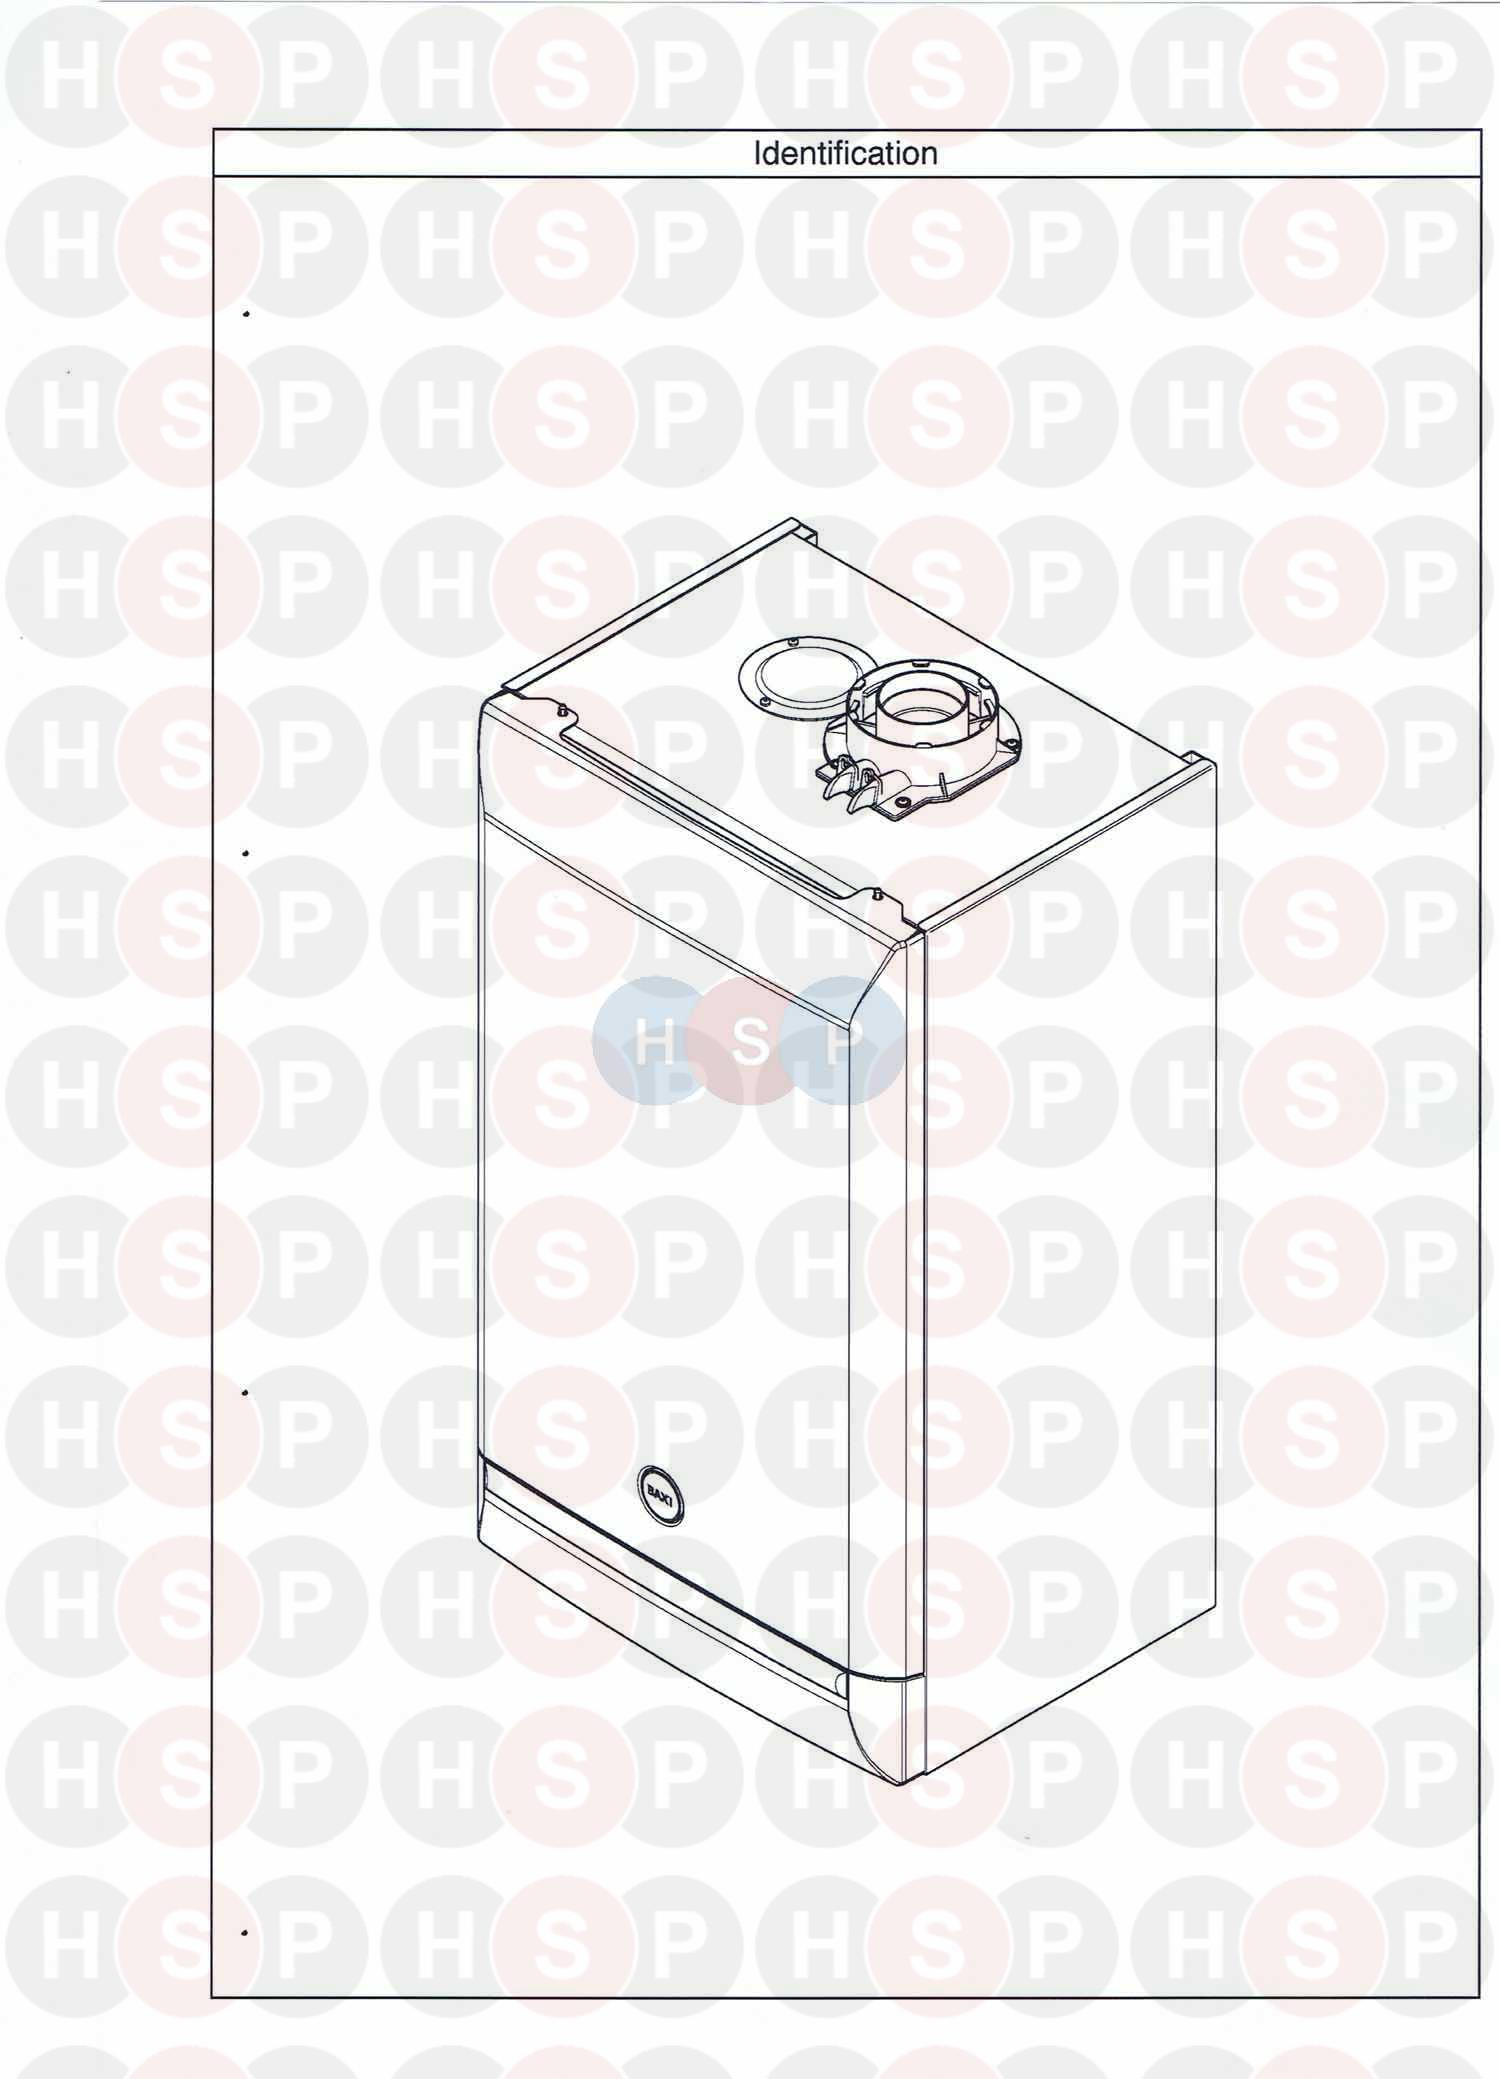 Baxi DUO TEC 33 HE (APPLIANCE IDENTIFICATION) Diagram